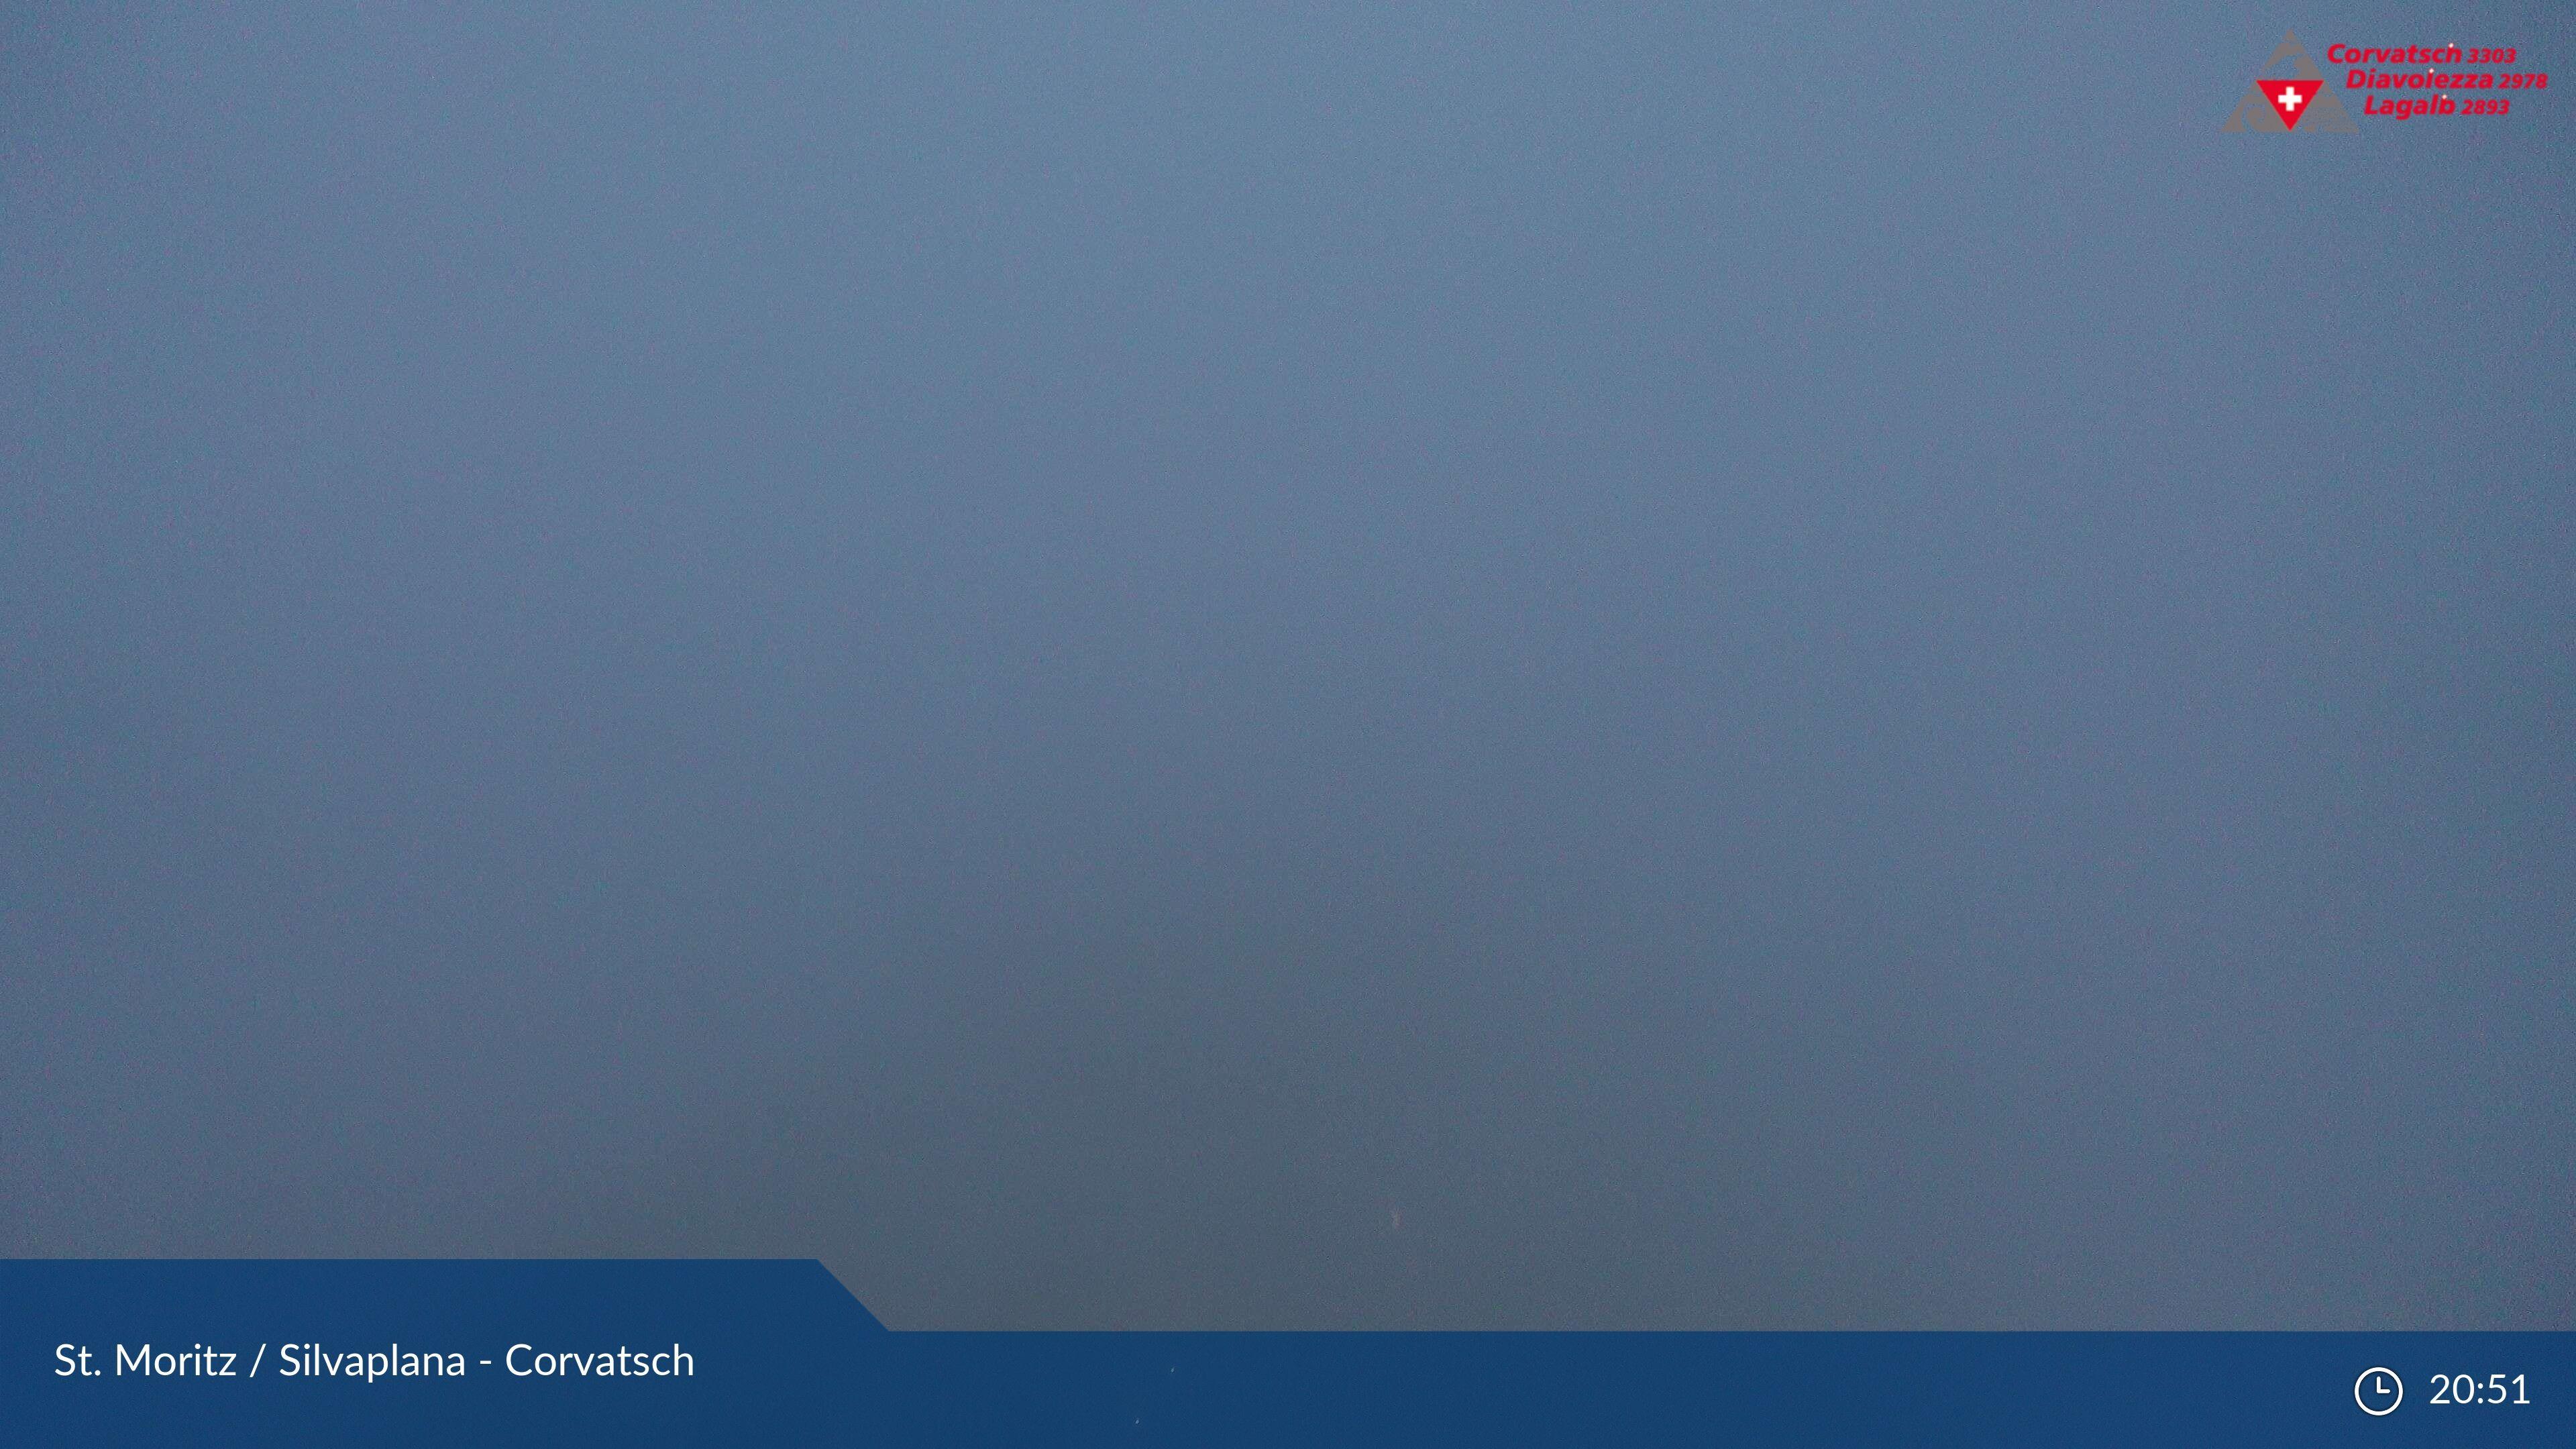 Silvaplana: Corvatsch - Corvatsch, Bergstation Corvatsch